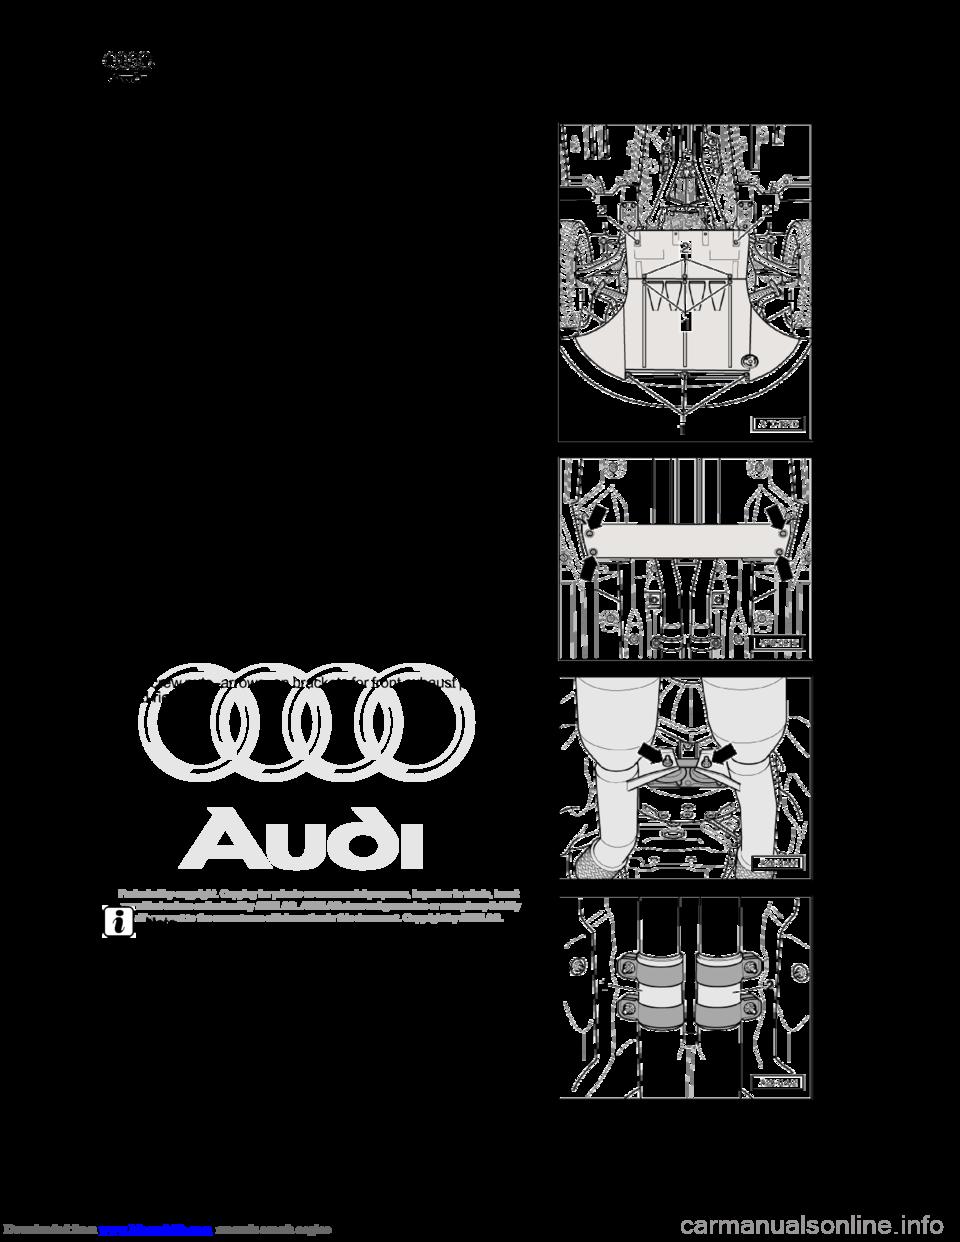 audi a4 b5 car service repair manual 1997 1998 1999 2000 download